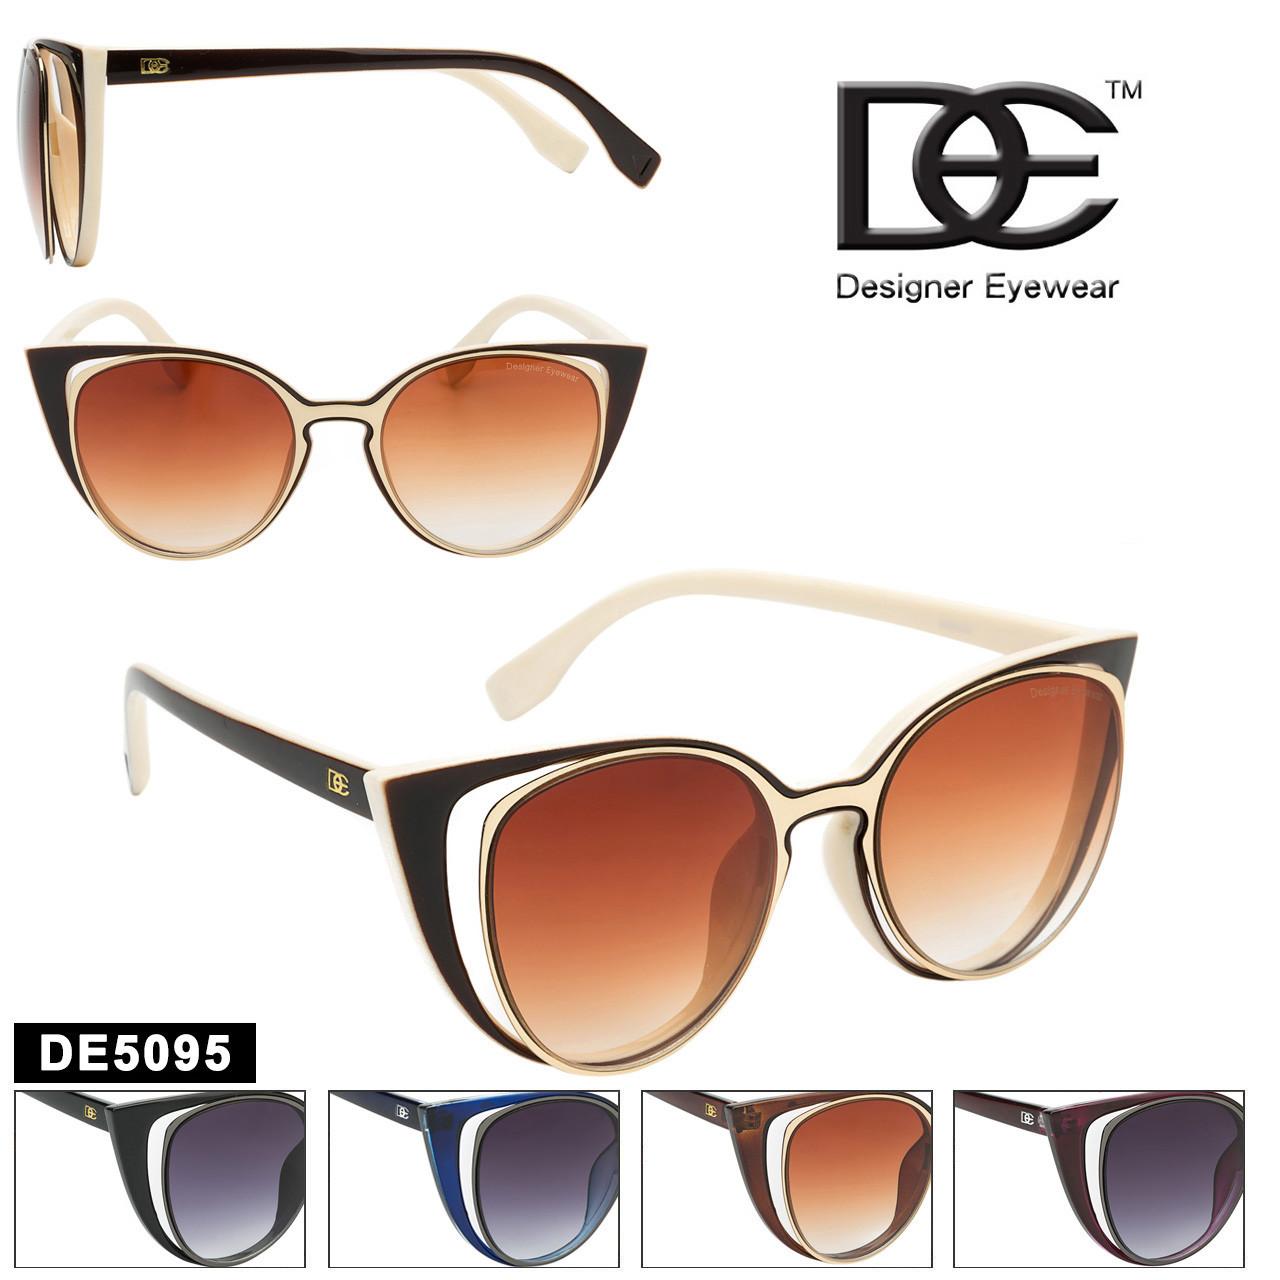 DE™ Designer Eyewear - Style #DE5095